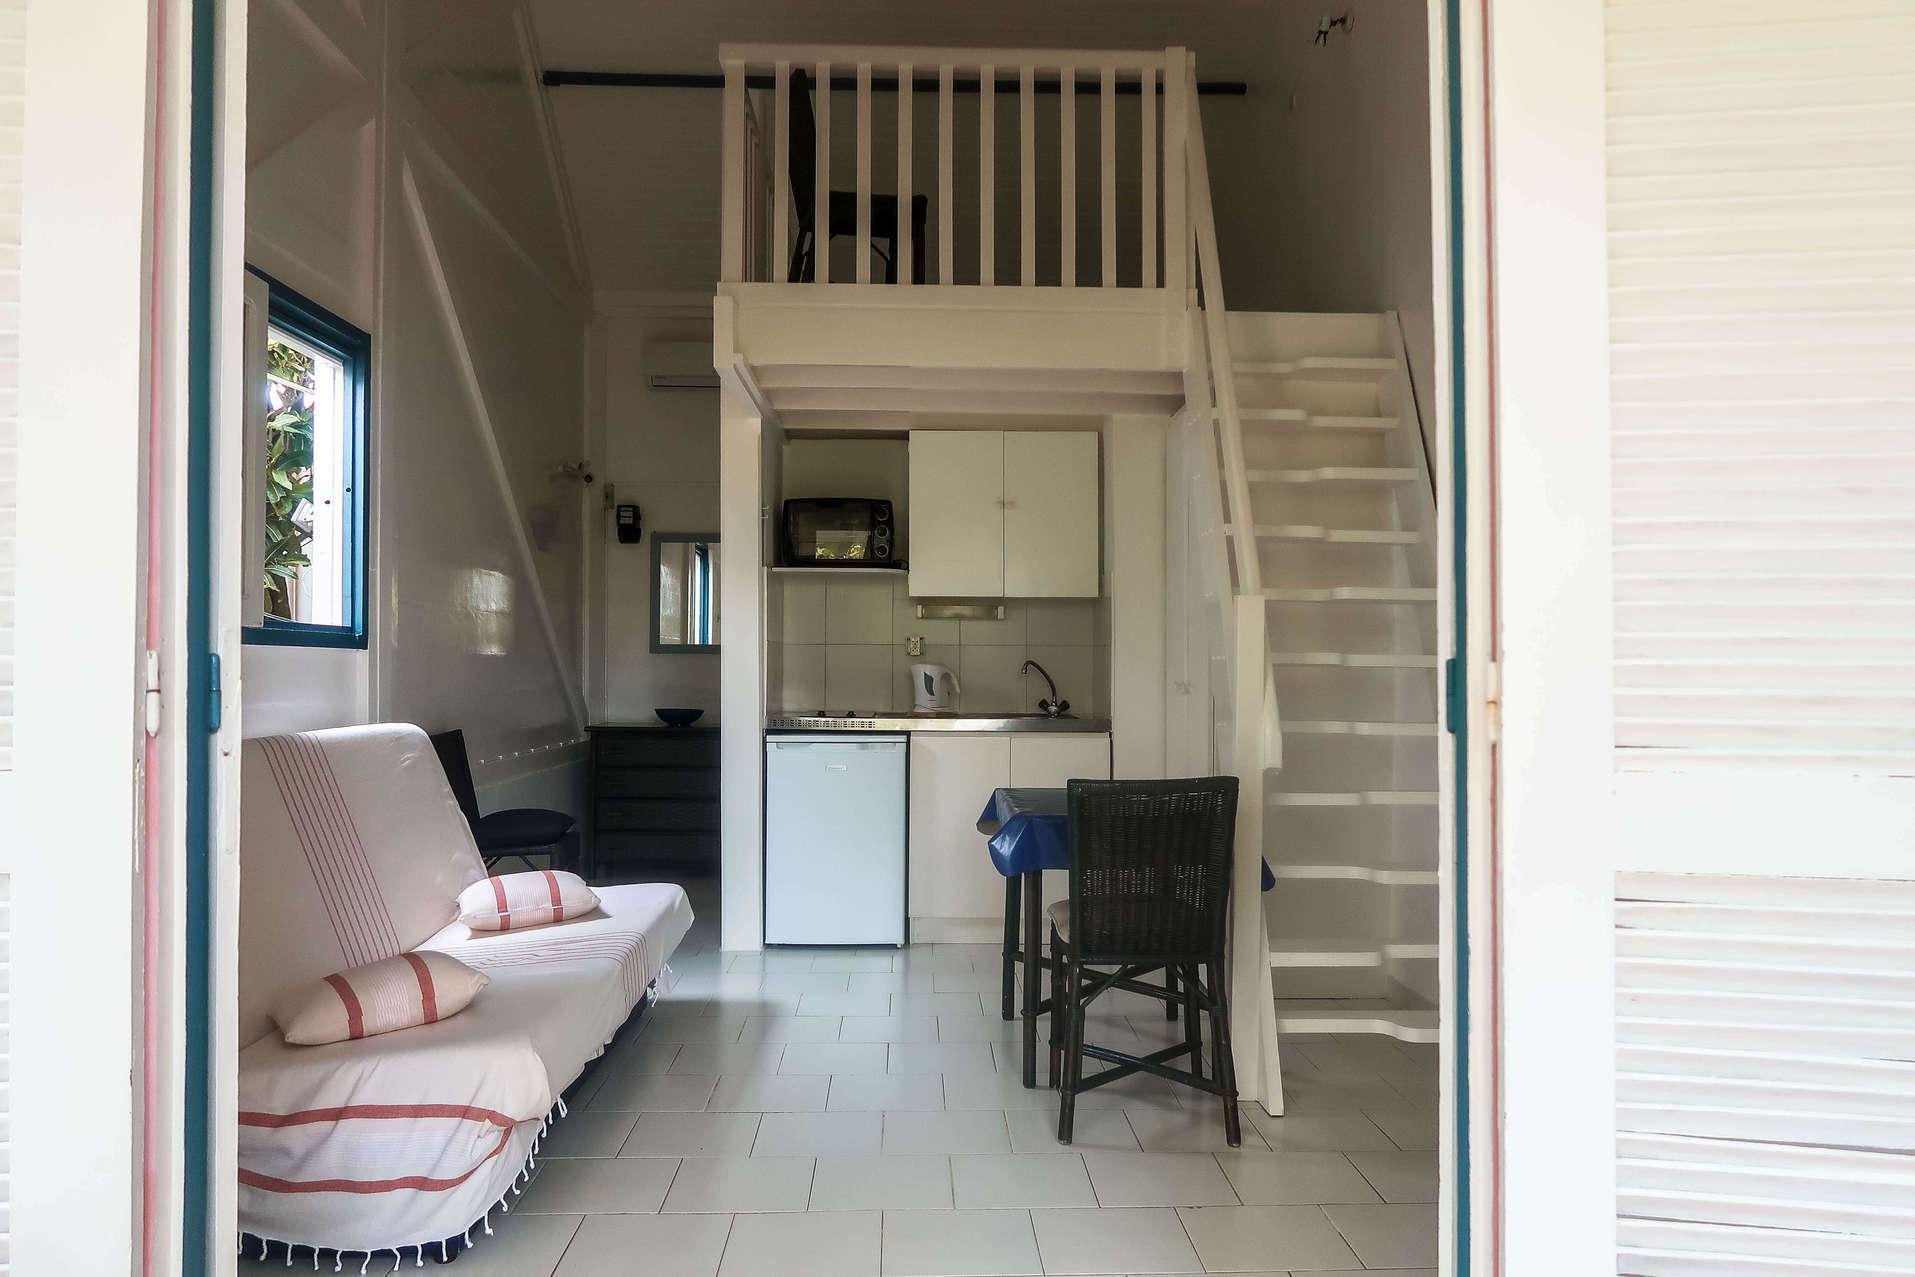 habitation-abricot-location-saisonniere-studio-vue-interieure